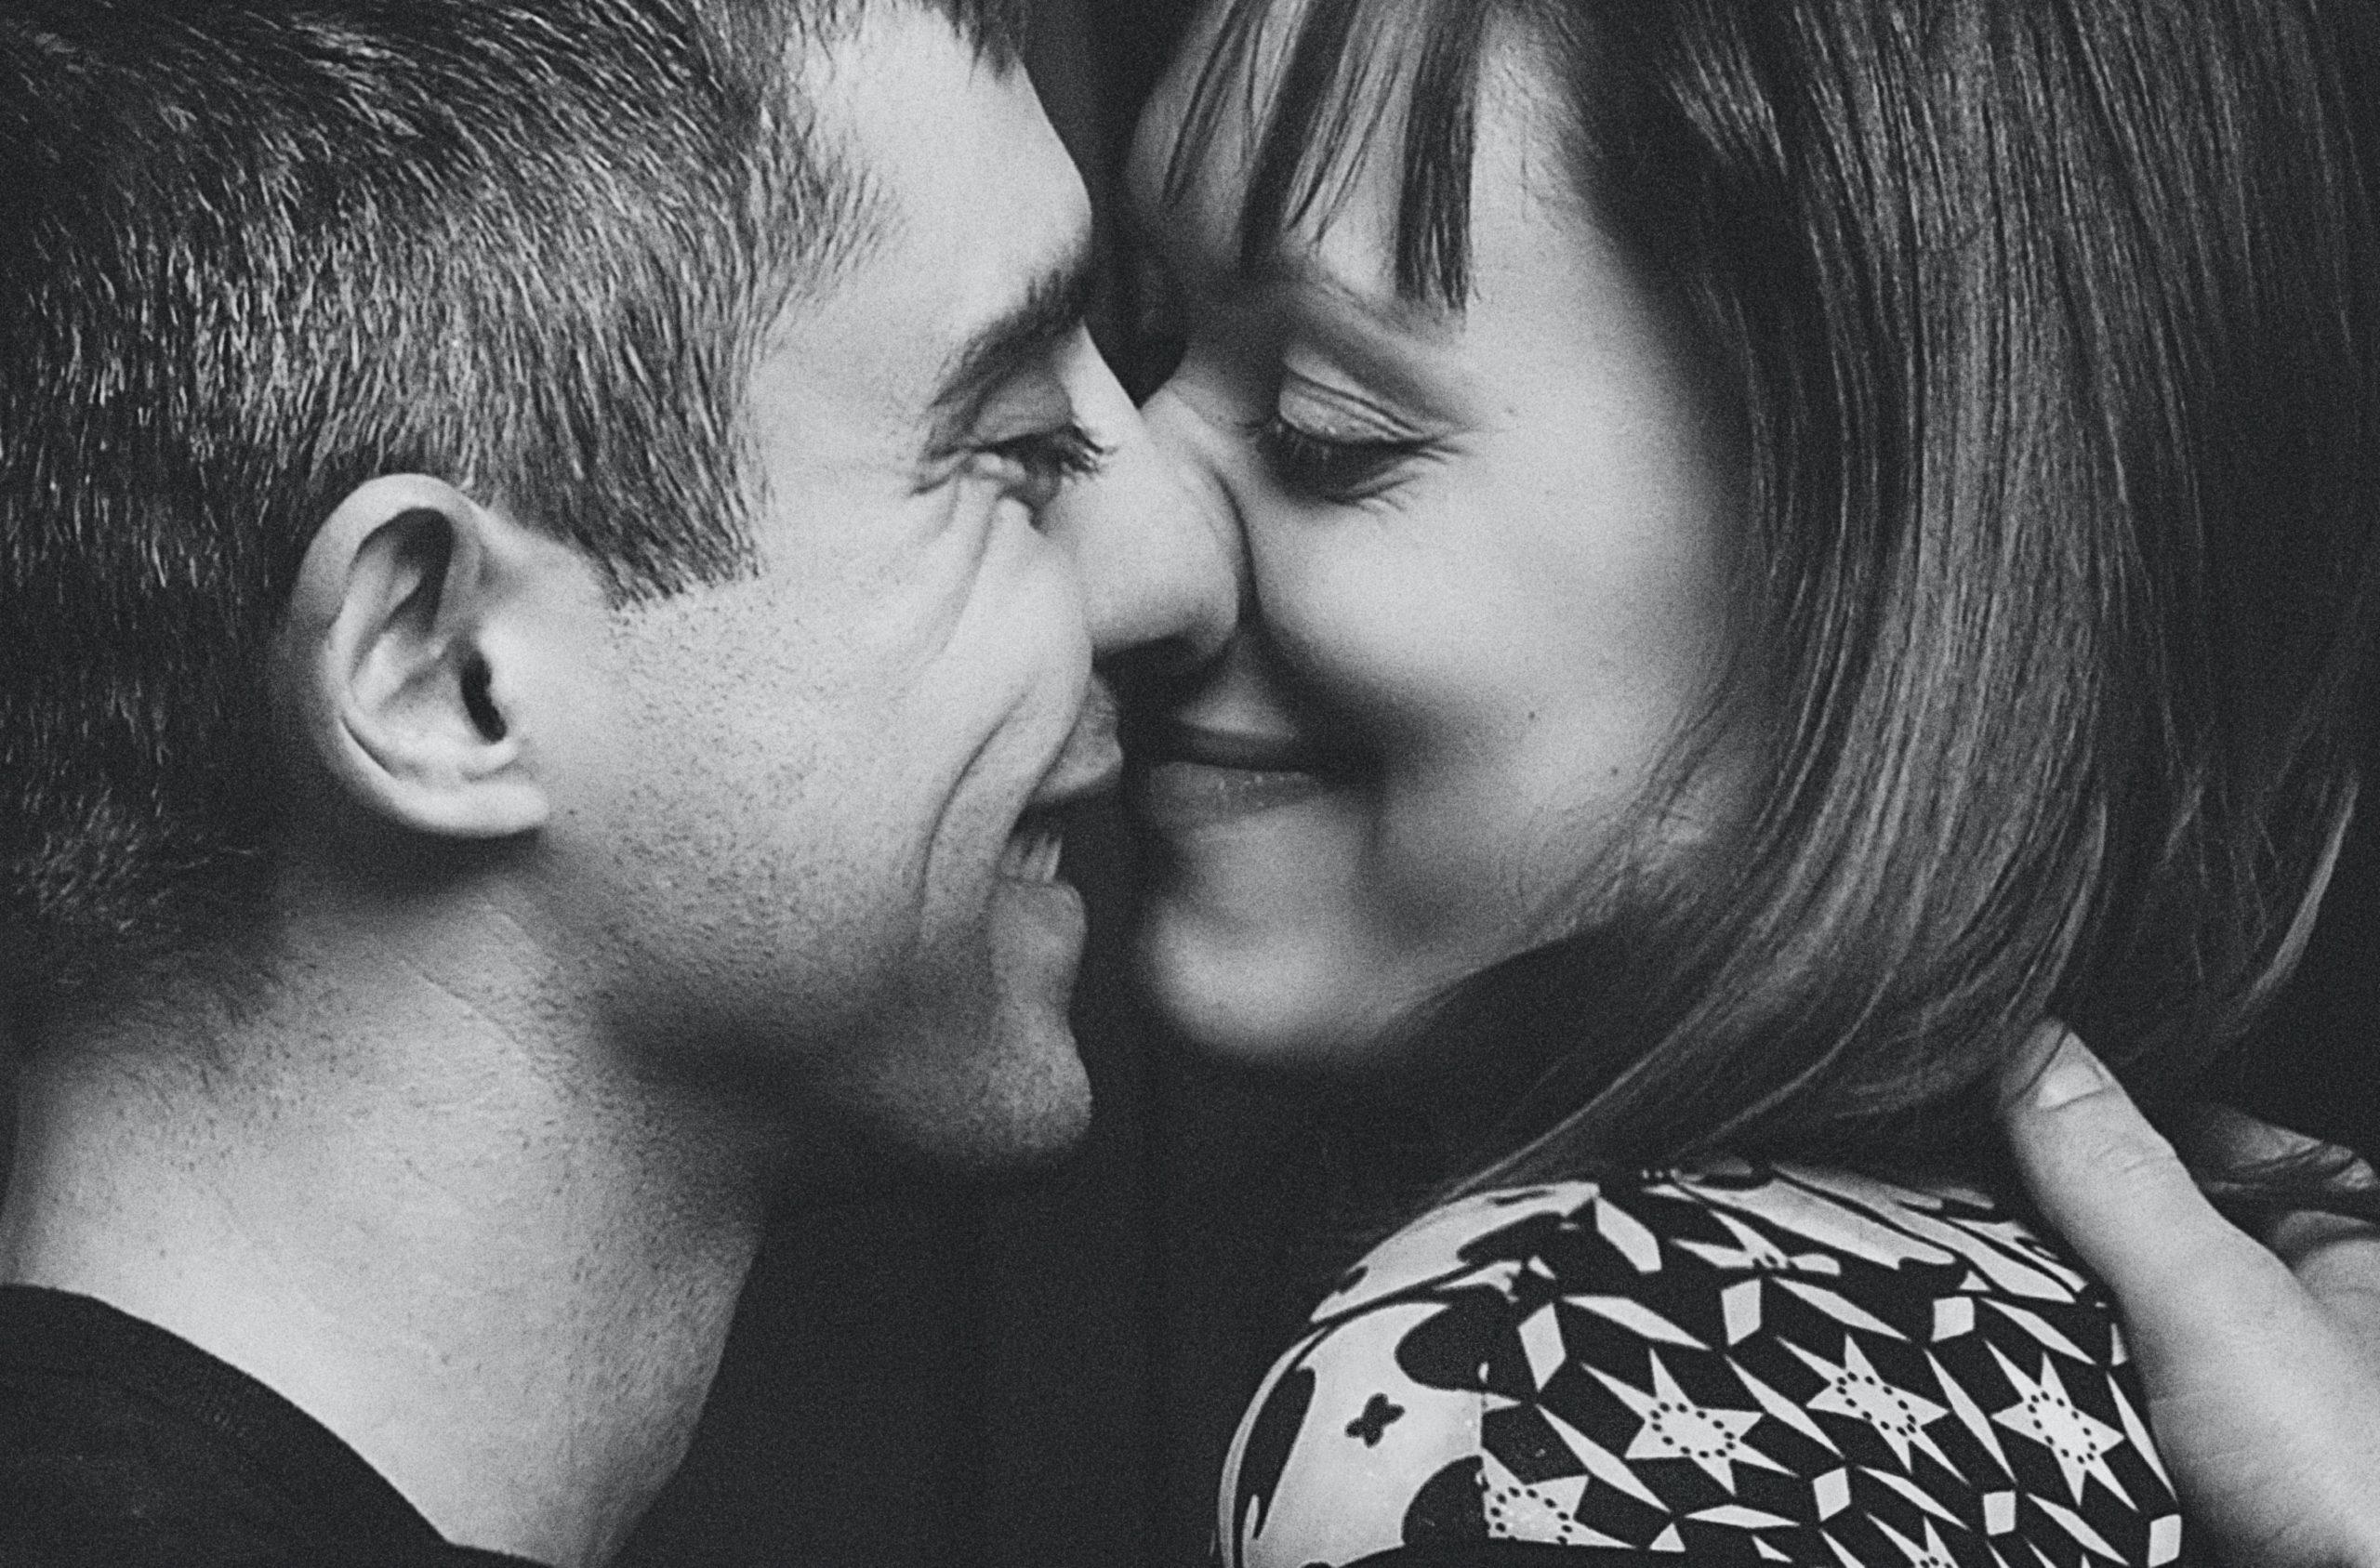 A csók mást jelent egy férfinak, mint egy nőnek?